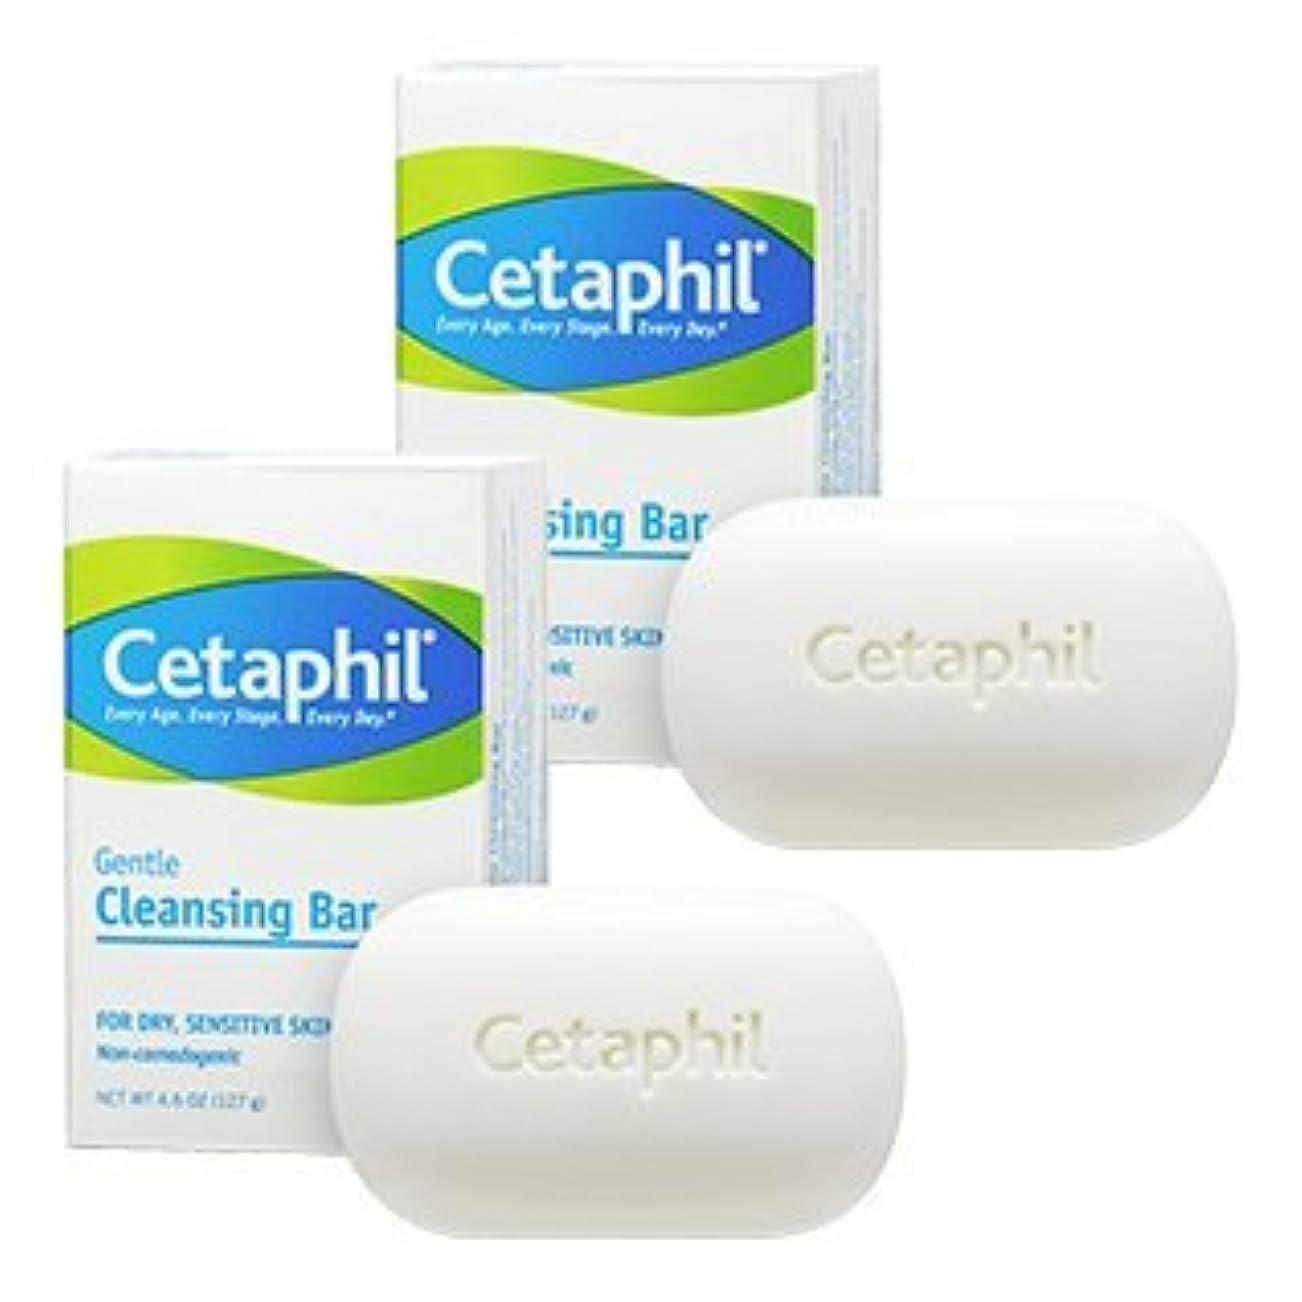 乳白色暴動賠償セタフィル(Cetaphil) ジェントル クレンジング バー 127g×2個セット [海外直送品][並行輸入品]